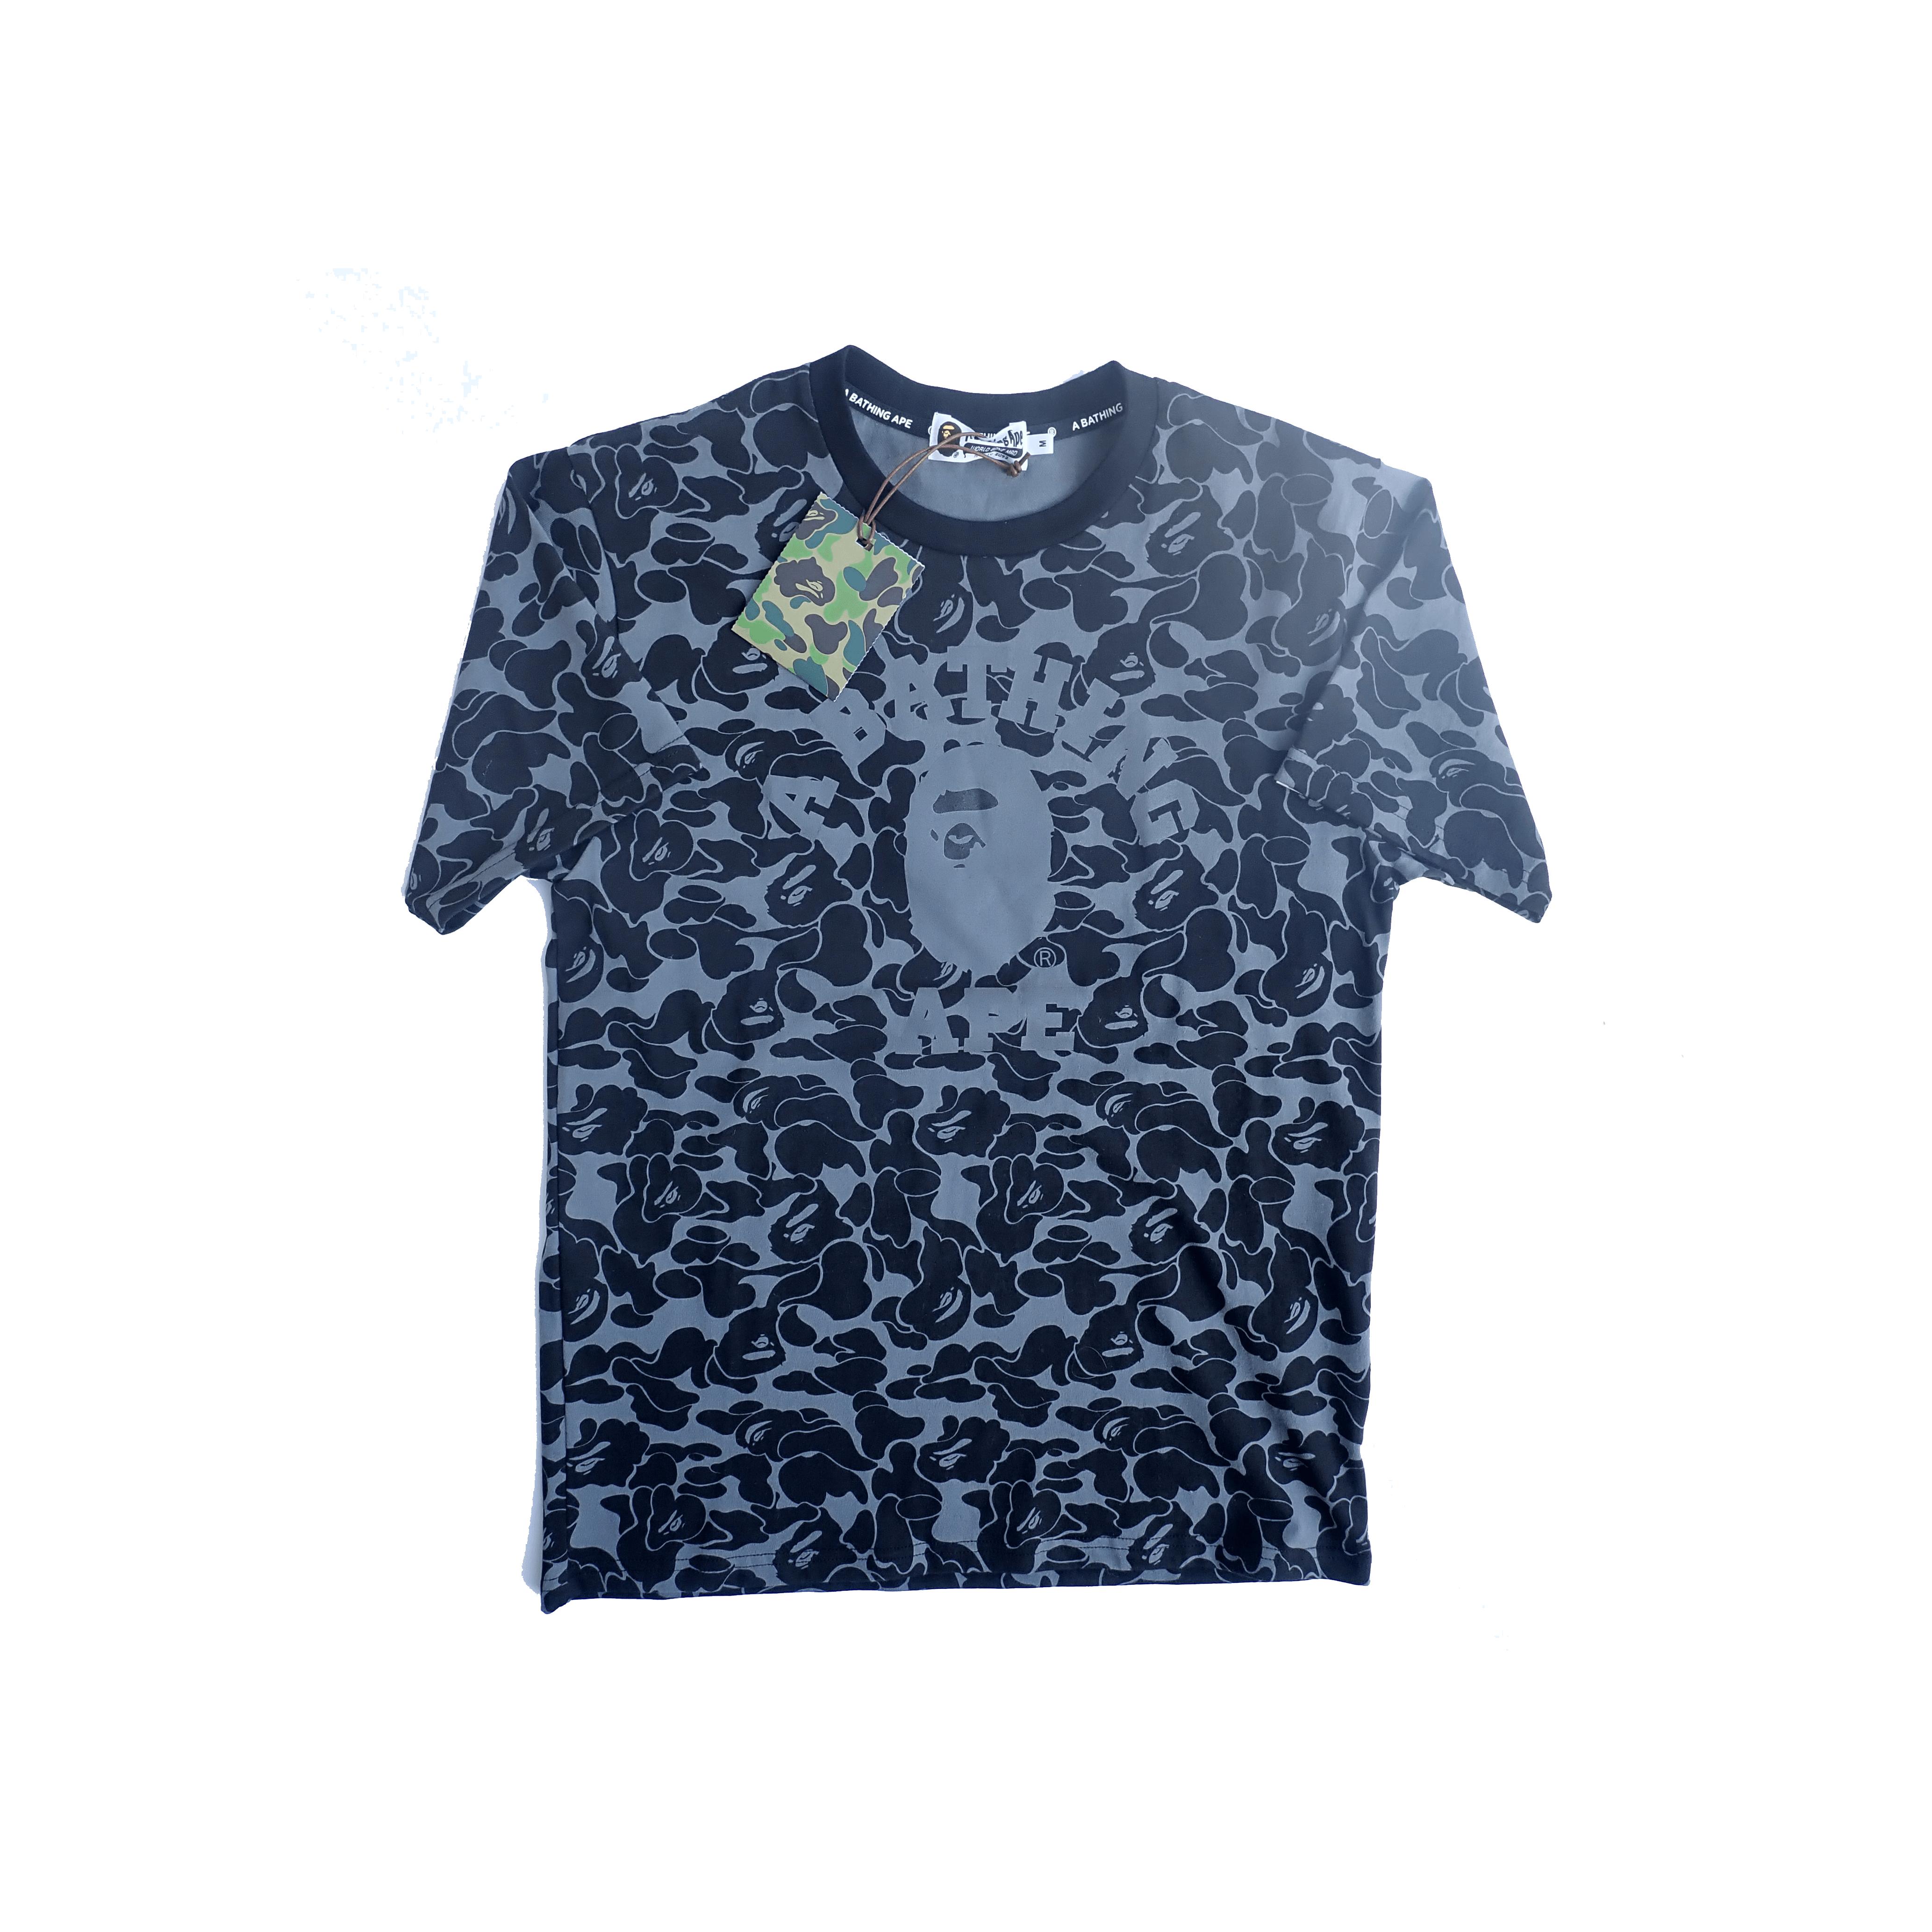 Bape Camo T Shirt